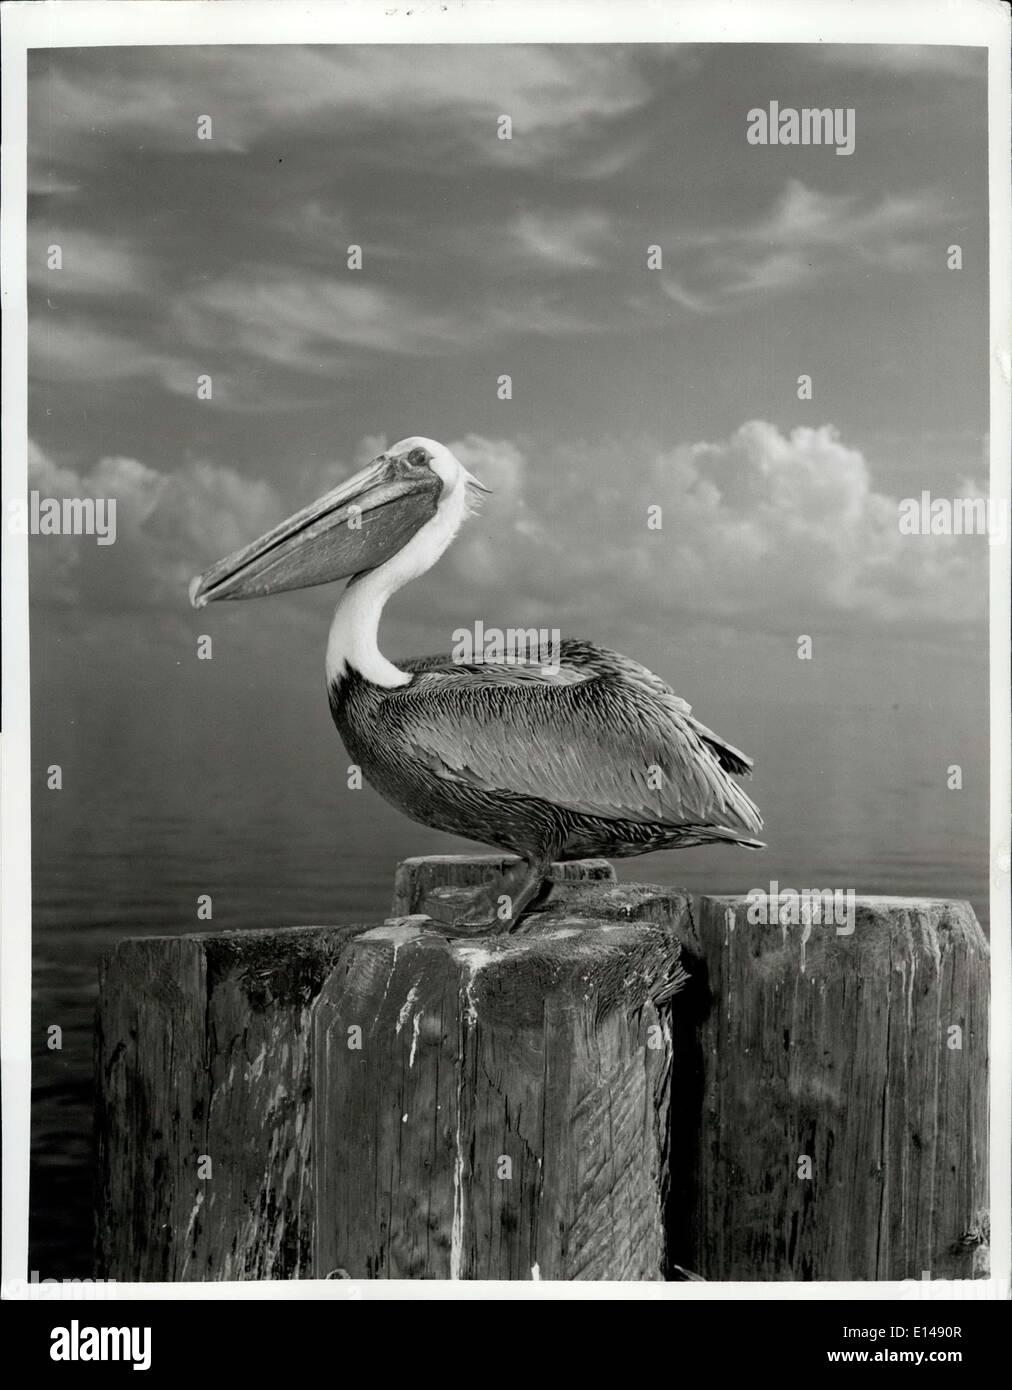 17. April 2012 - bieten für diejenigen, die sagen, dass Vögel die elegante und schöne Natur Menagerie sind Floridas Pelikan eine amüsante Widerlegung. Kurz auf gut aussieht, aber lange auf Persönlichkeit, diese schamlose Bettler säumen den Piers der Küstengebiete Floridas, wo sie täglich kleine Fische von Bevormundung, Fischer und Besucher schmeicheln. Wenn jedes Lebewesen auf dieser Erde in der Tat eine purpose.most erfüllt würde Pelikan-Beobachter ohne weiteres Räumen ein, dass dieser Comic-Waterfront-Schnitzeljagd geboren wurde, um die Leute wieder wie Kinder zum Lachen. Stockbild